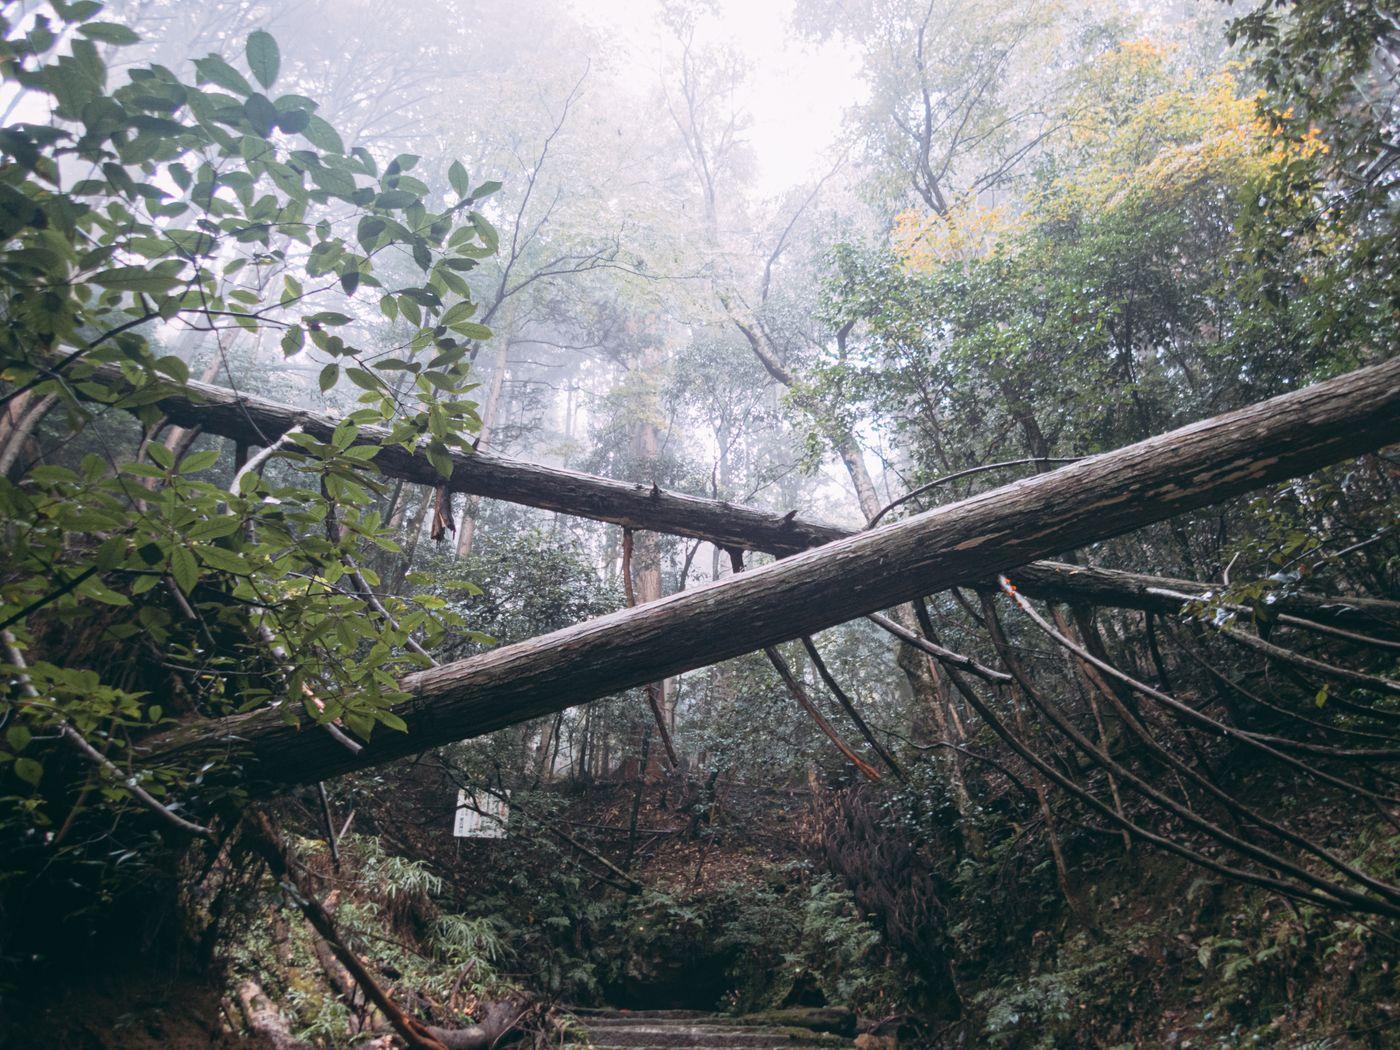 霧に包まれた森の中の倒木の写真